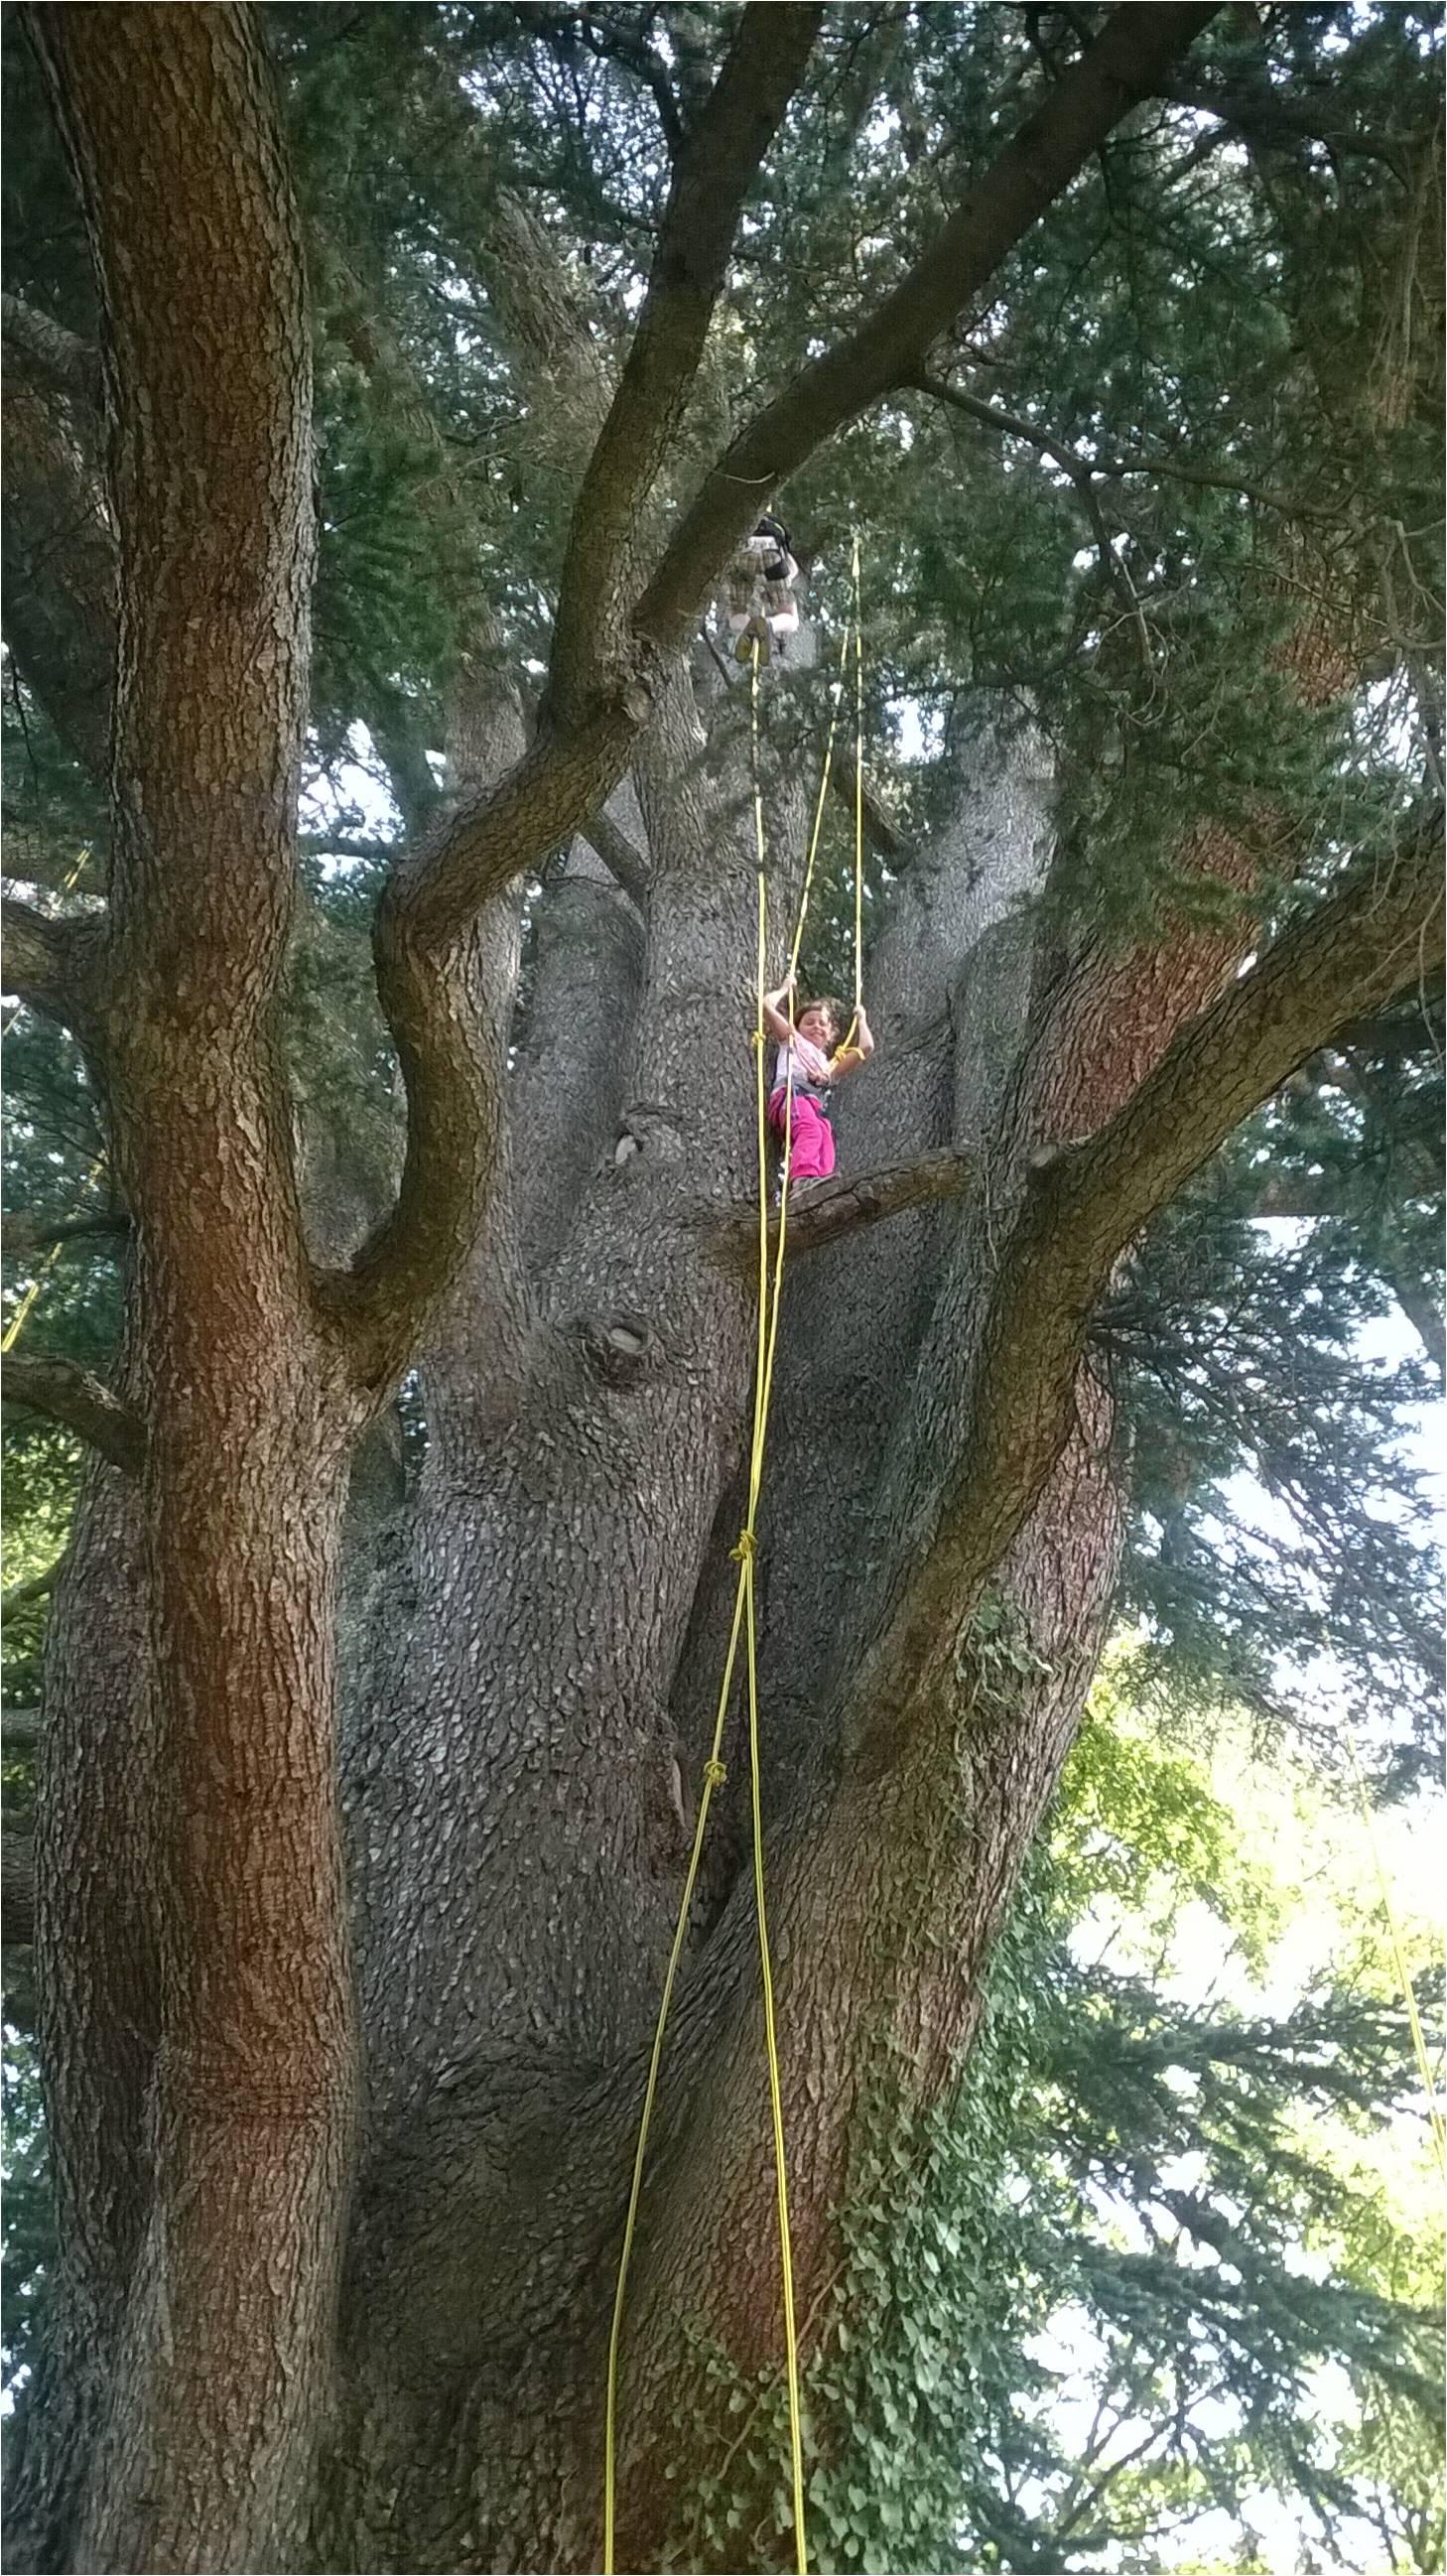 Au fil de l 39 arbre provence du 05 juillet au 19 juillet - Arbre provencal ...